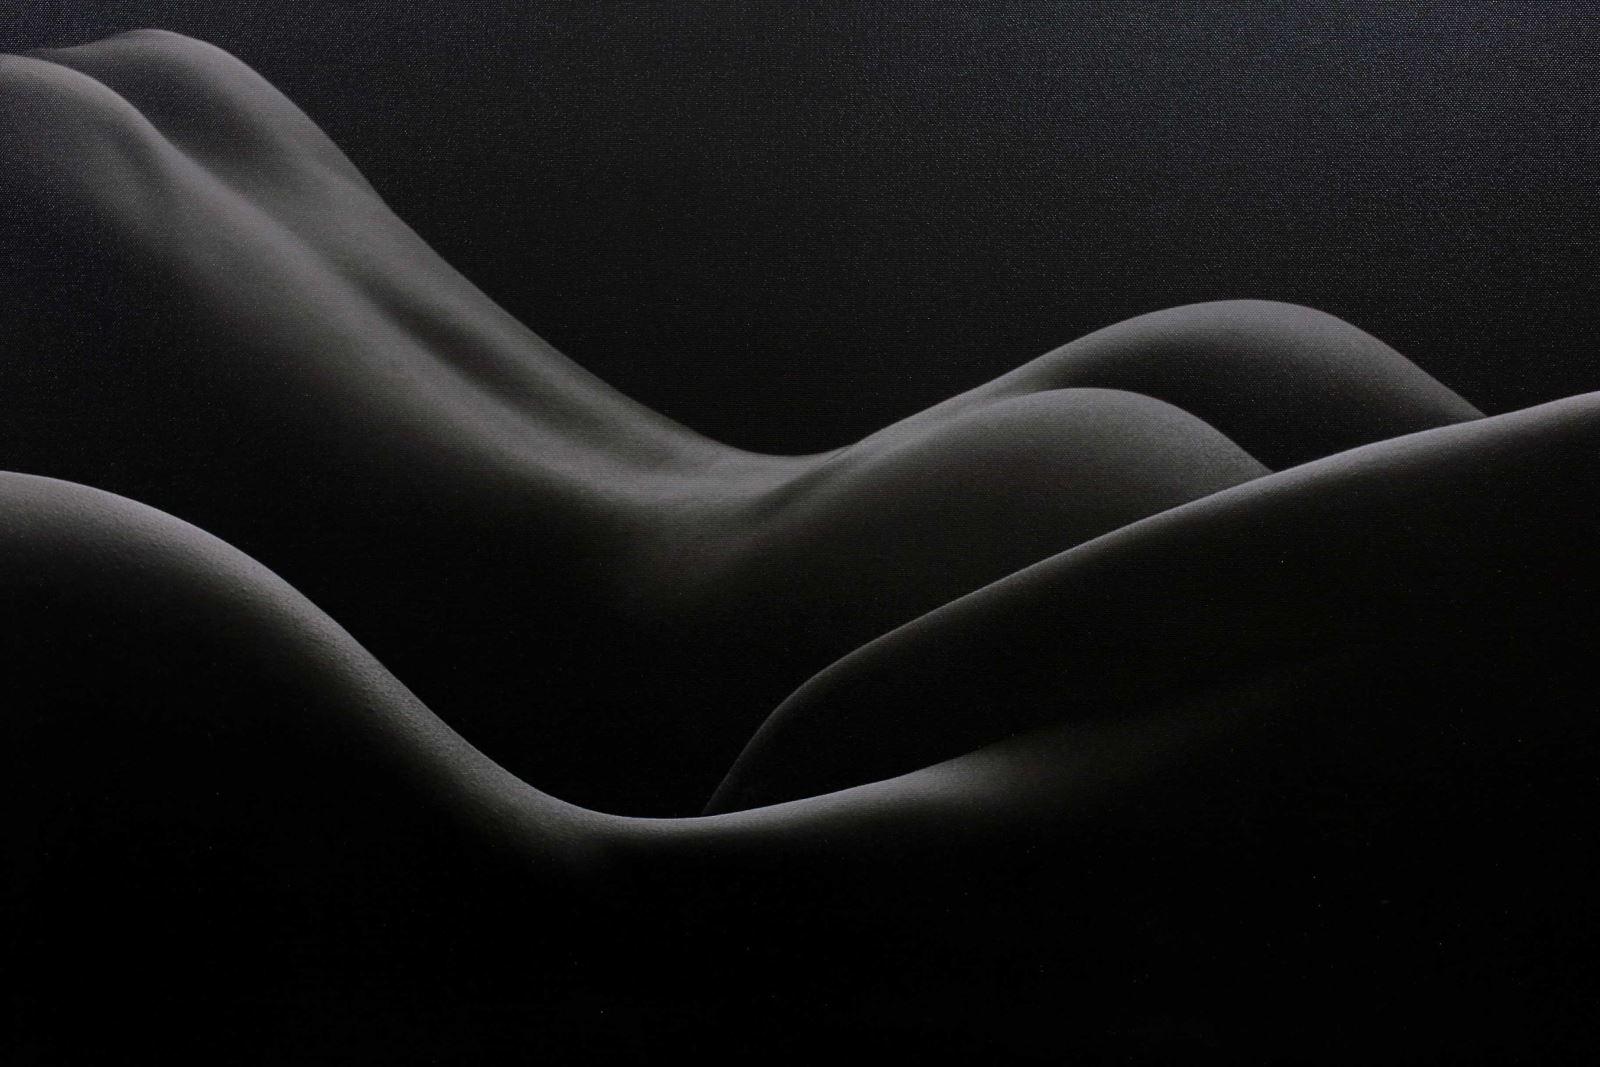 Nghề chụp ảnh khỏa thân: Có sướng hay không?